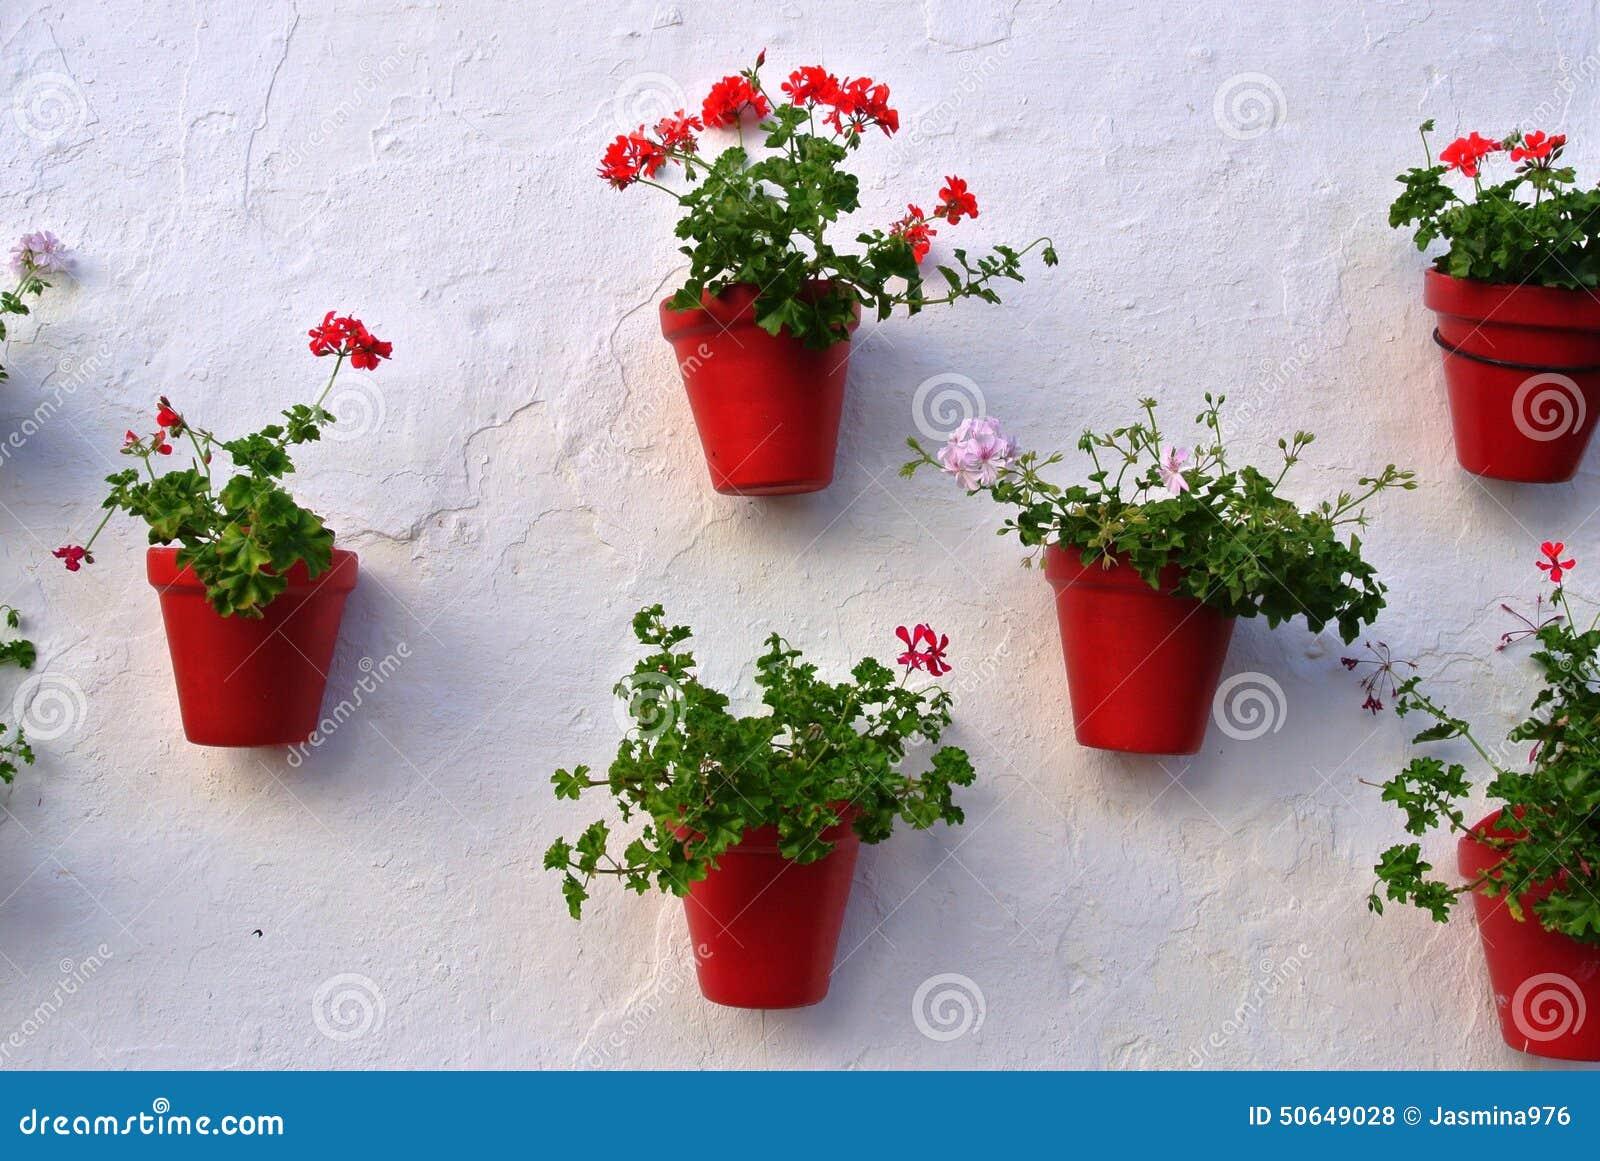 Orange Blumentöpfe Auf Weißer Wand Stockfoto - Bild von betrieb ...